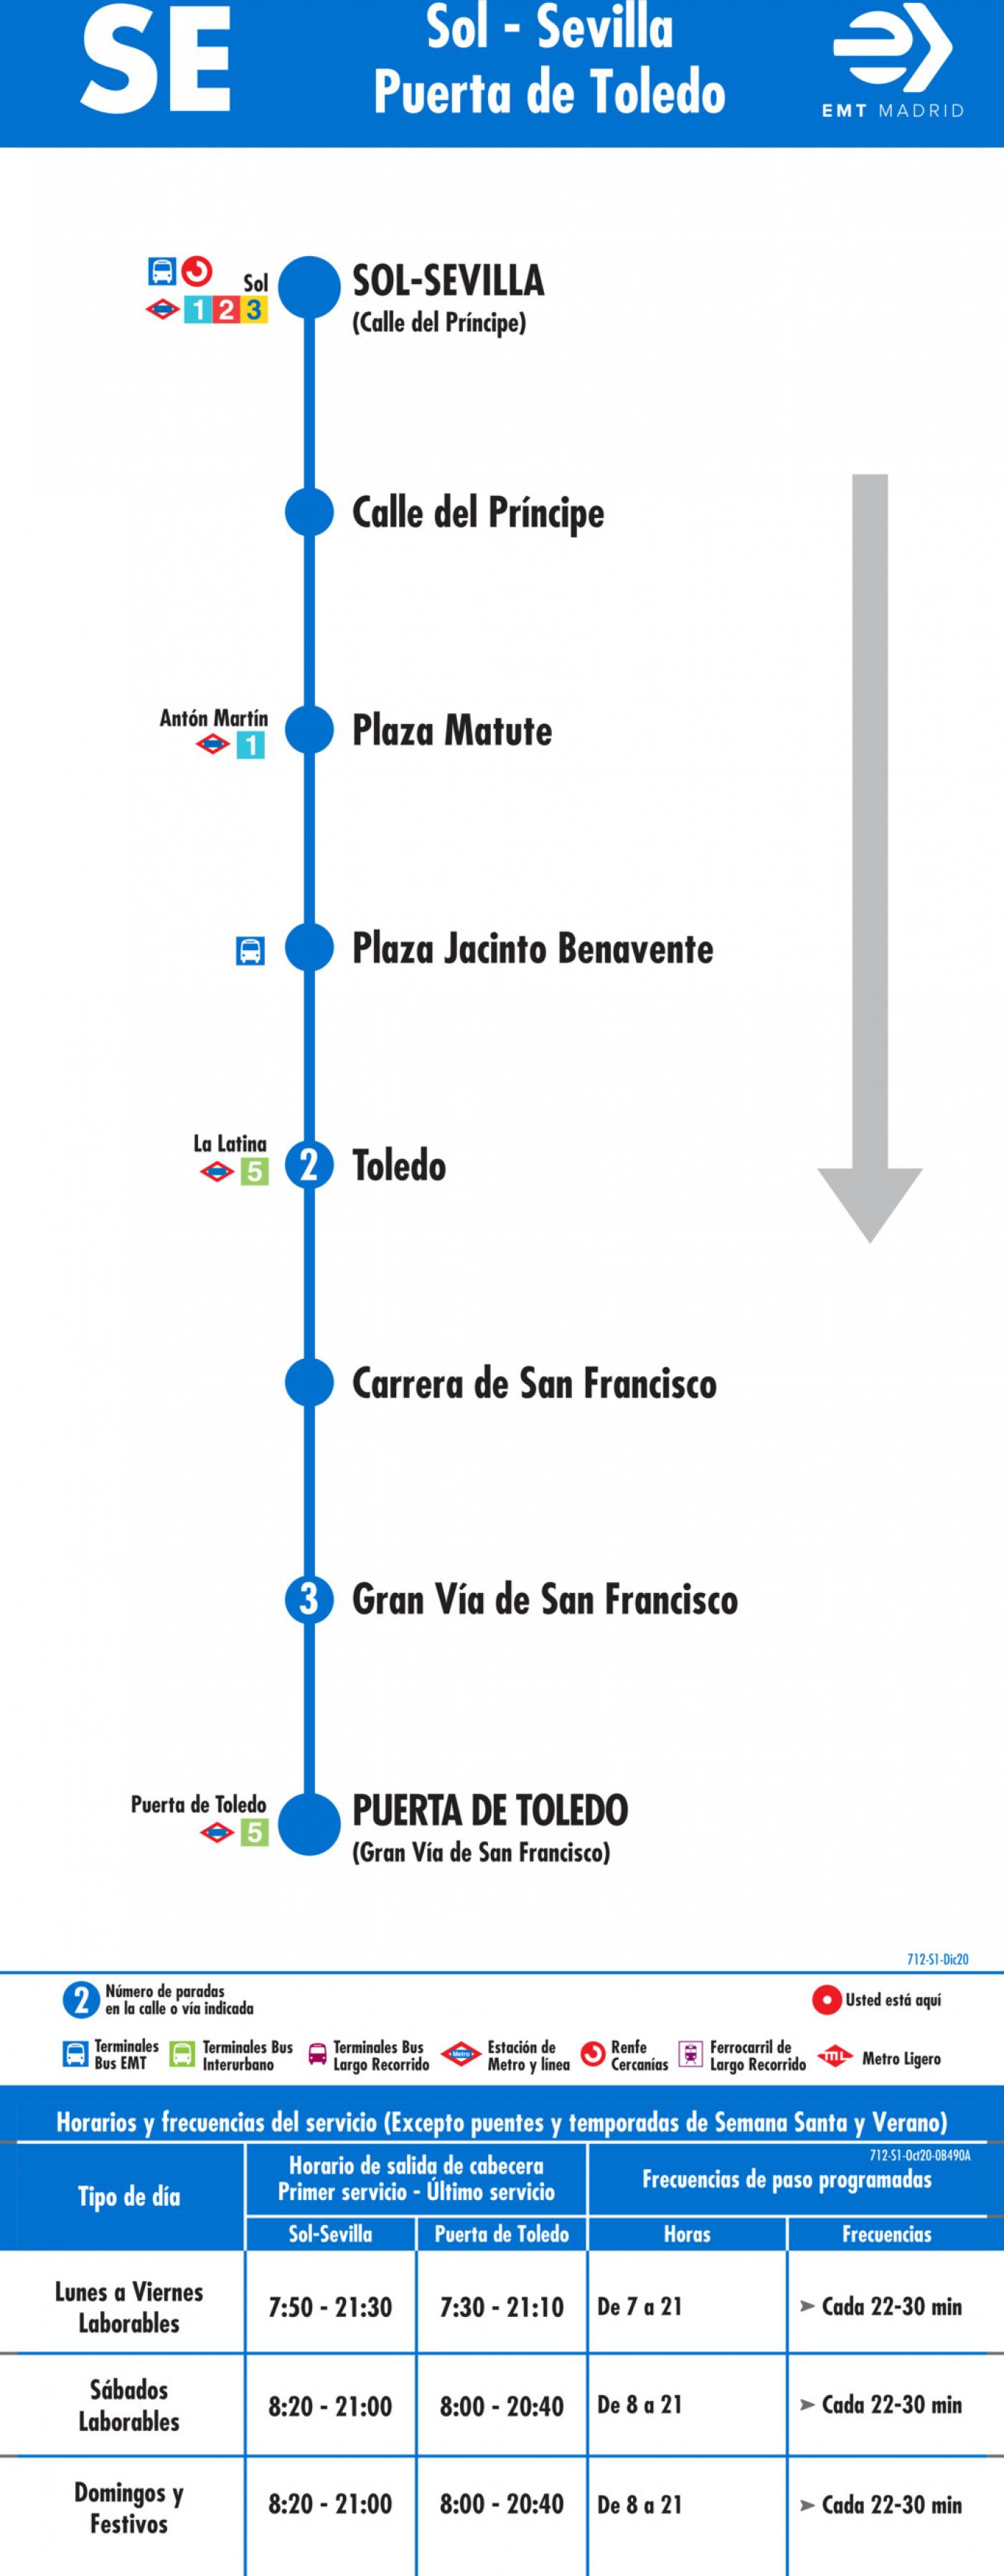 Tabla de horarios y frecuencias de paso en sentido ida Línea SE 712: Sol/Sevilla - Puerta de Toledo